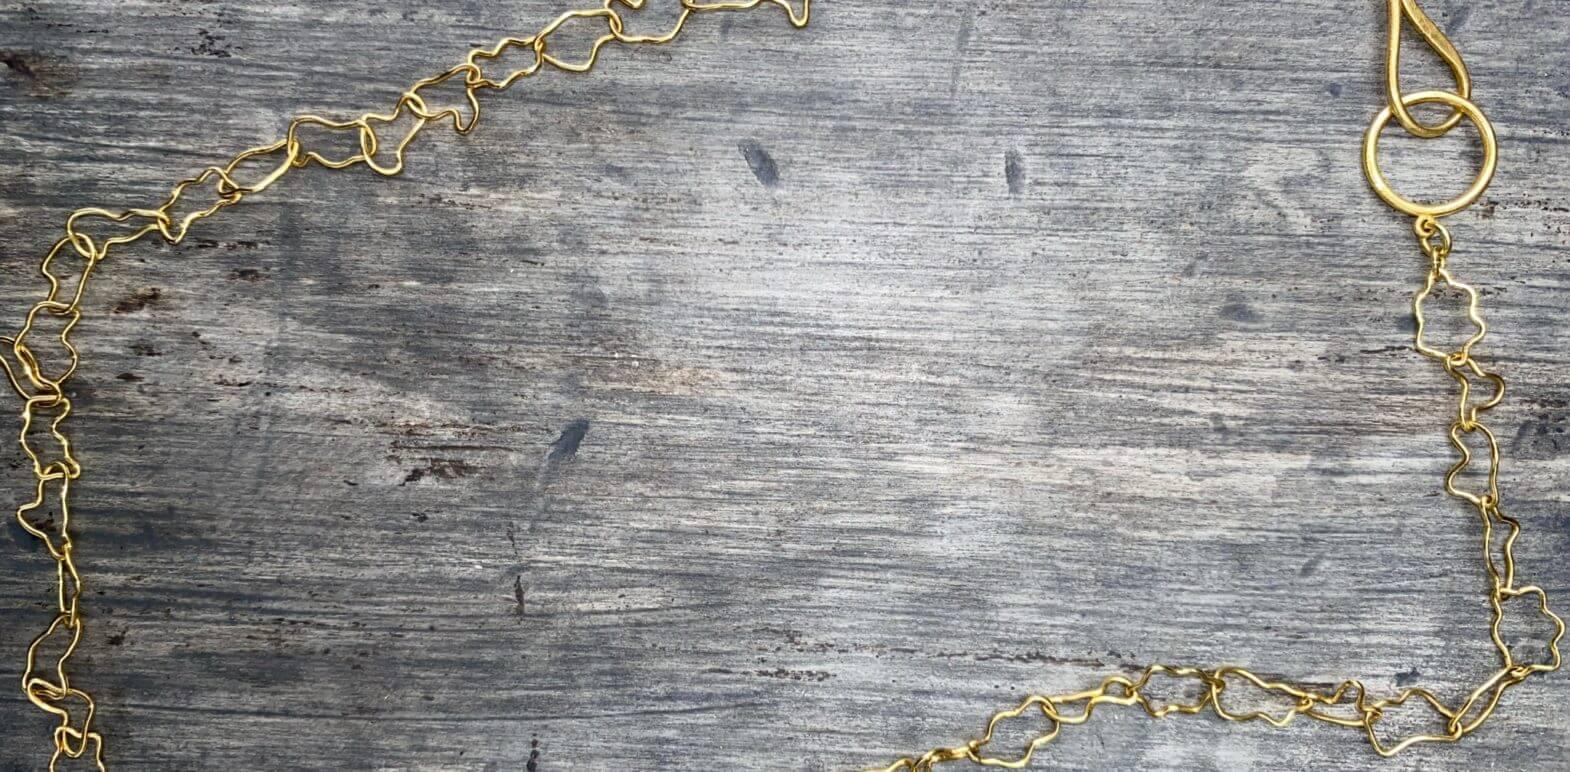 Kanwar Crazy Chain Necklace